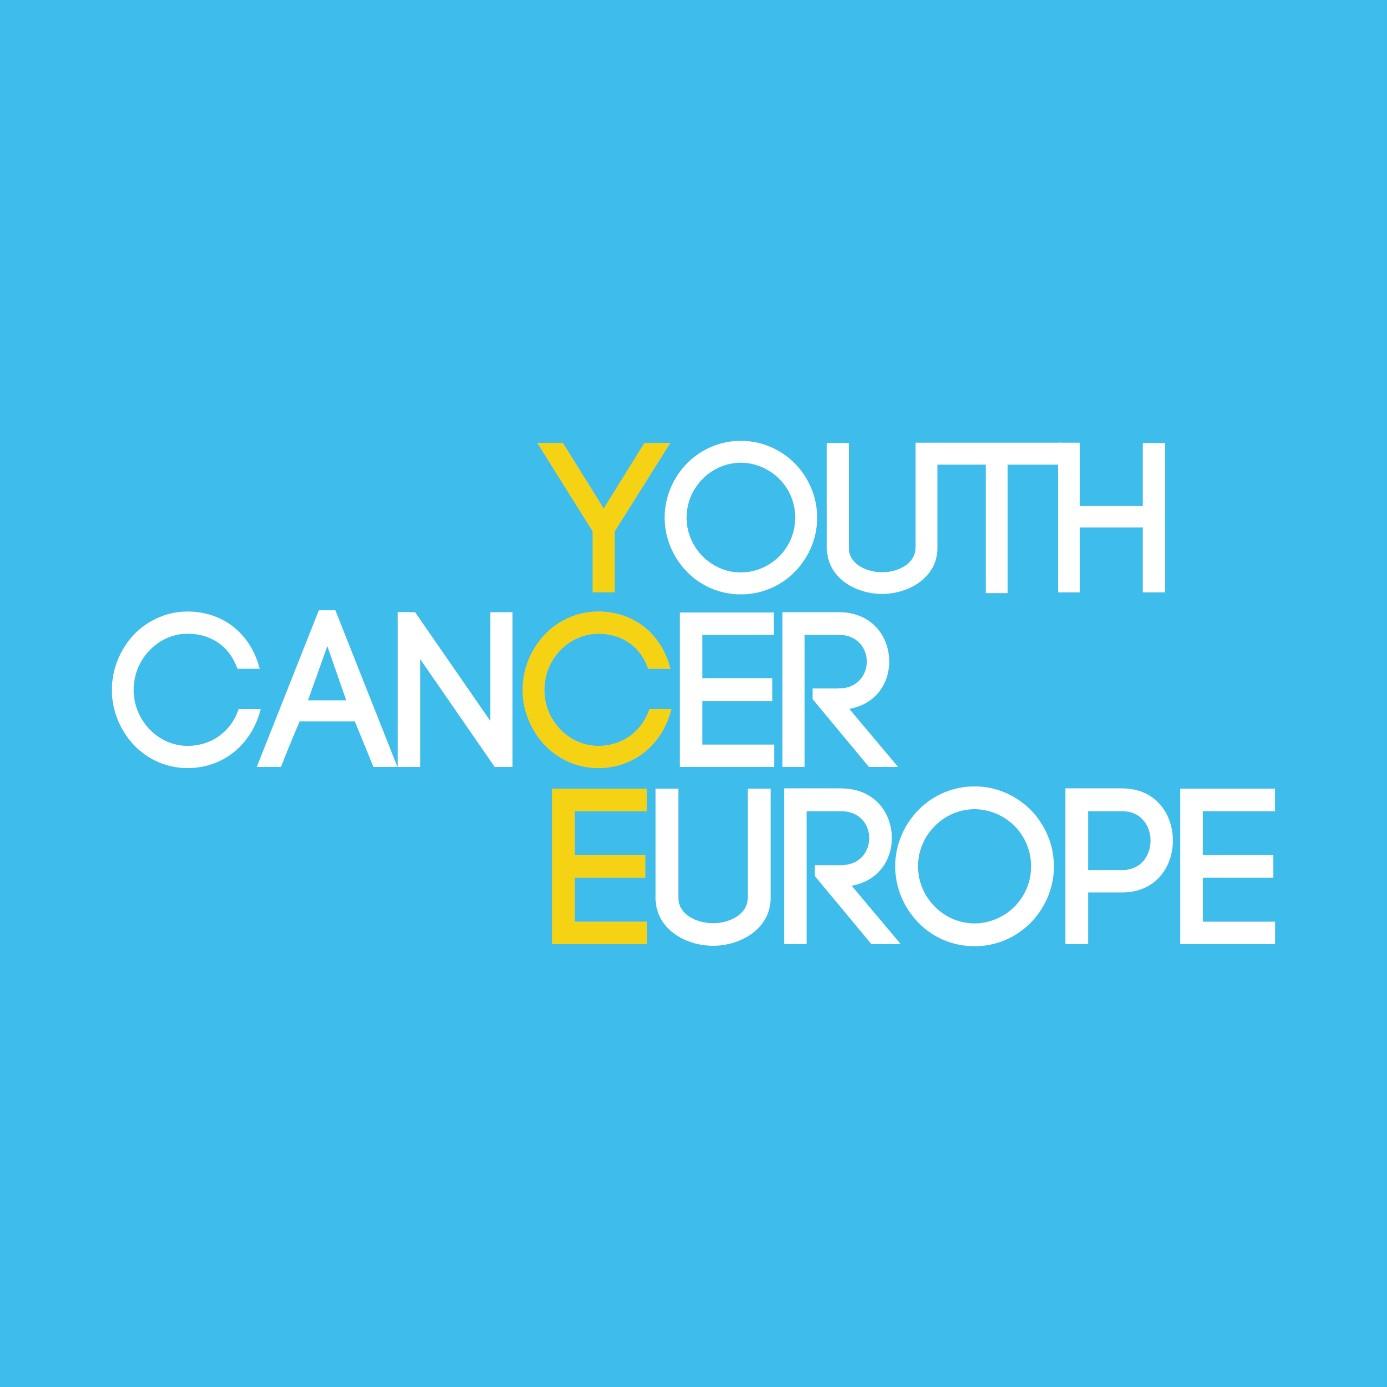 Fundatia Youth Cancer Europe (YCE)